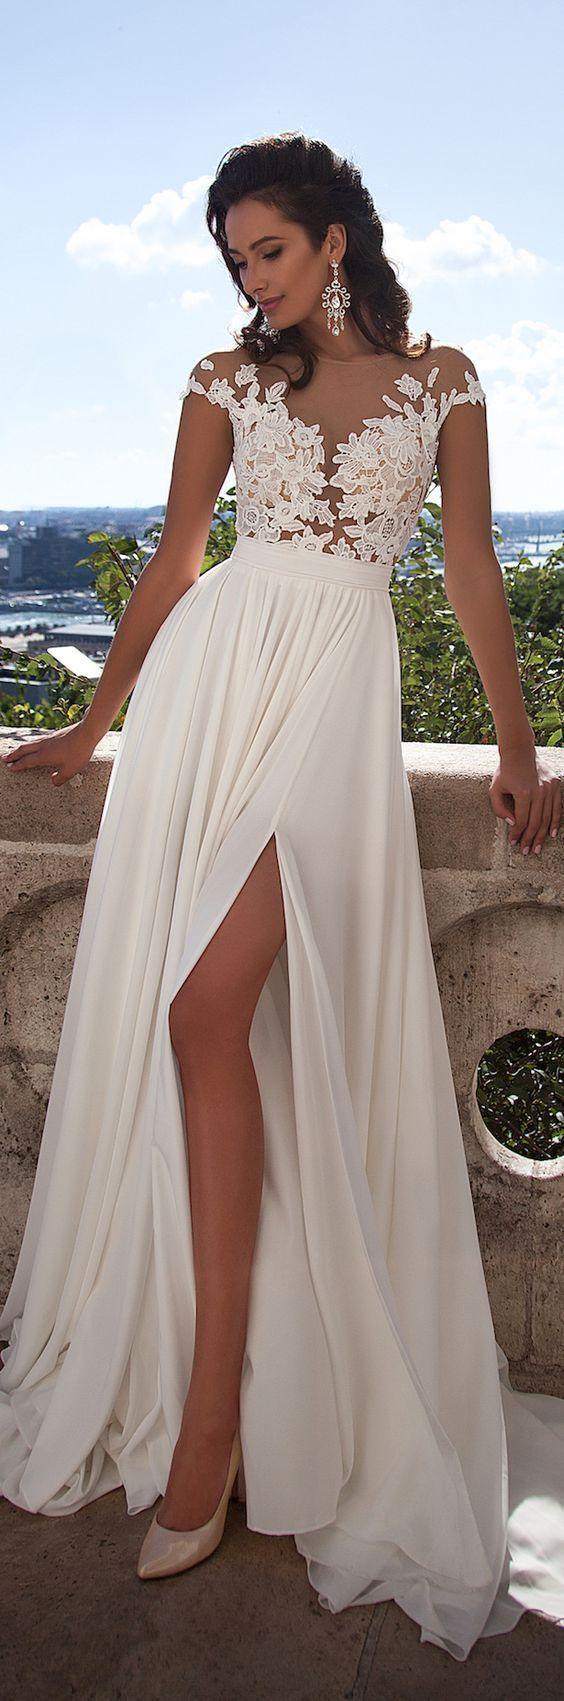 Wedding dress inspiration wedding pinterest dress ideas